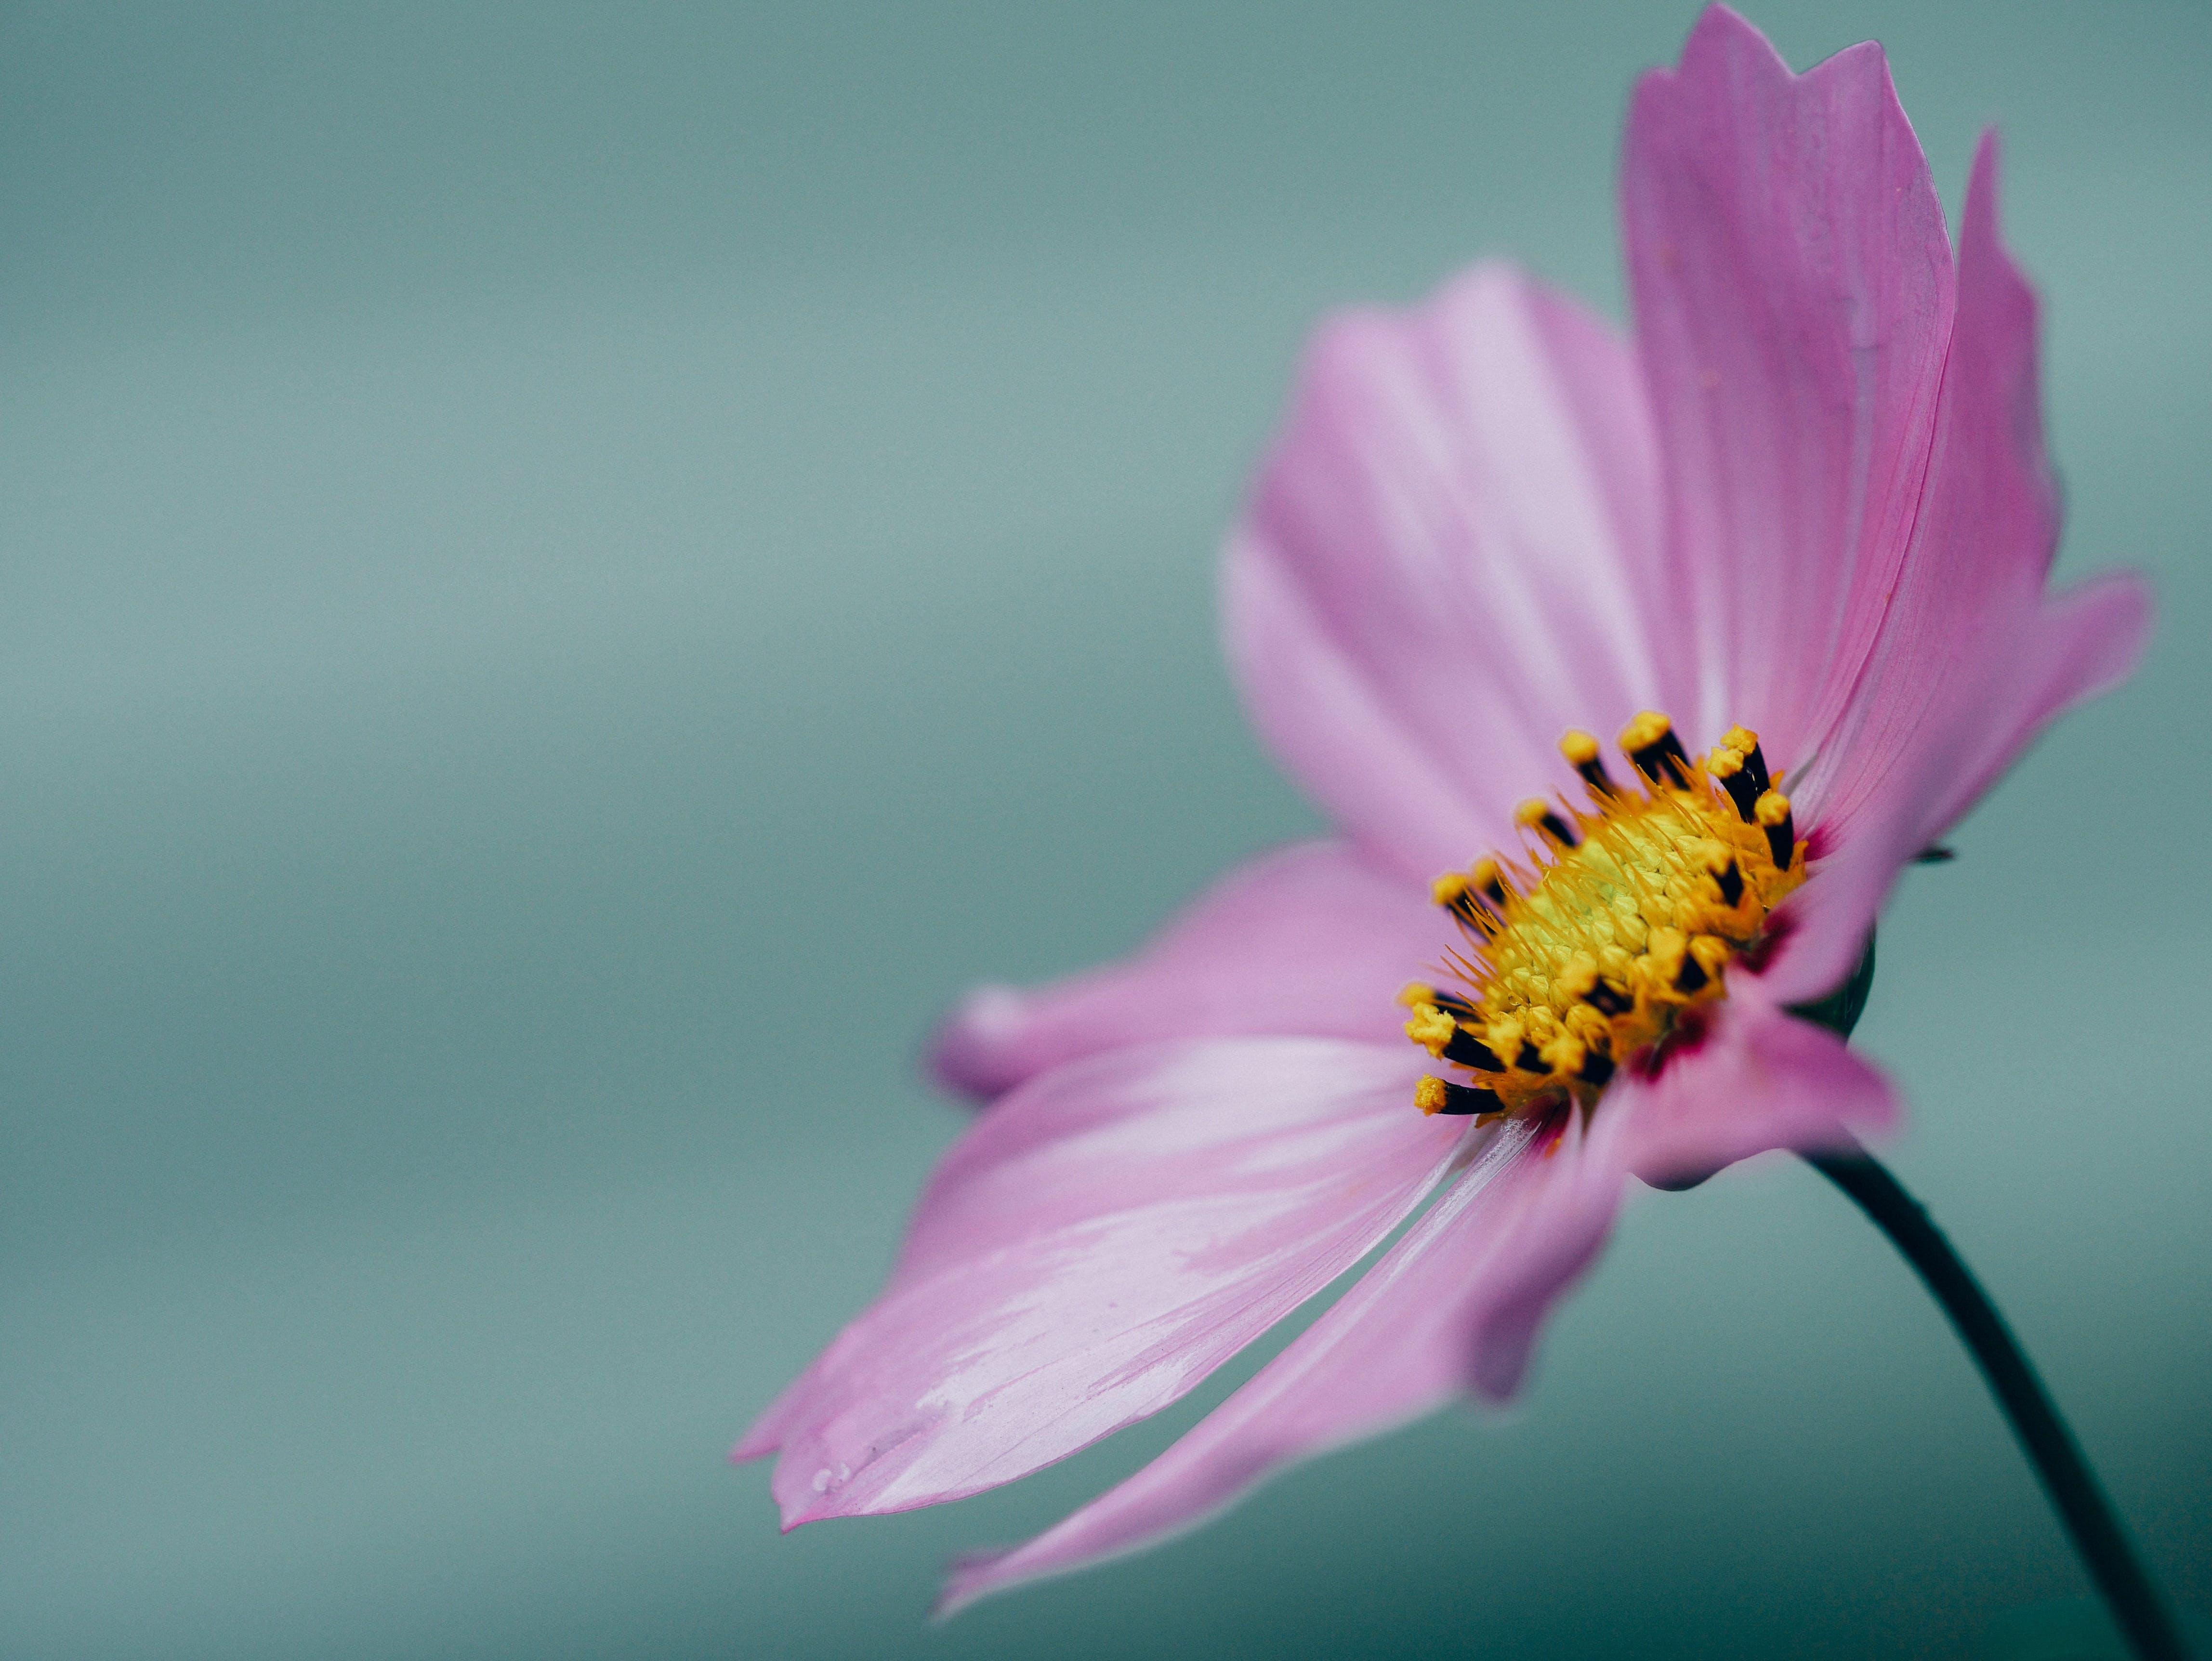 Immagine gratuita di bel fiore, bellissimo, delicato, fiore